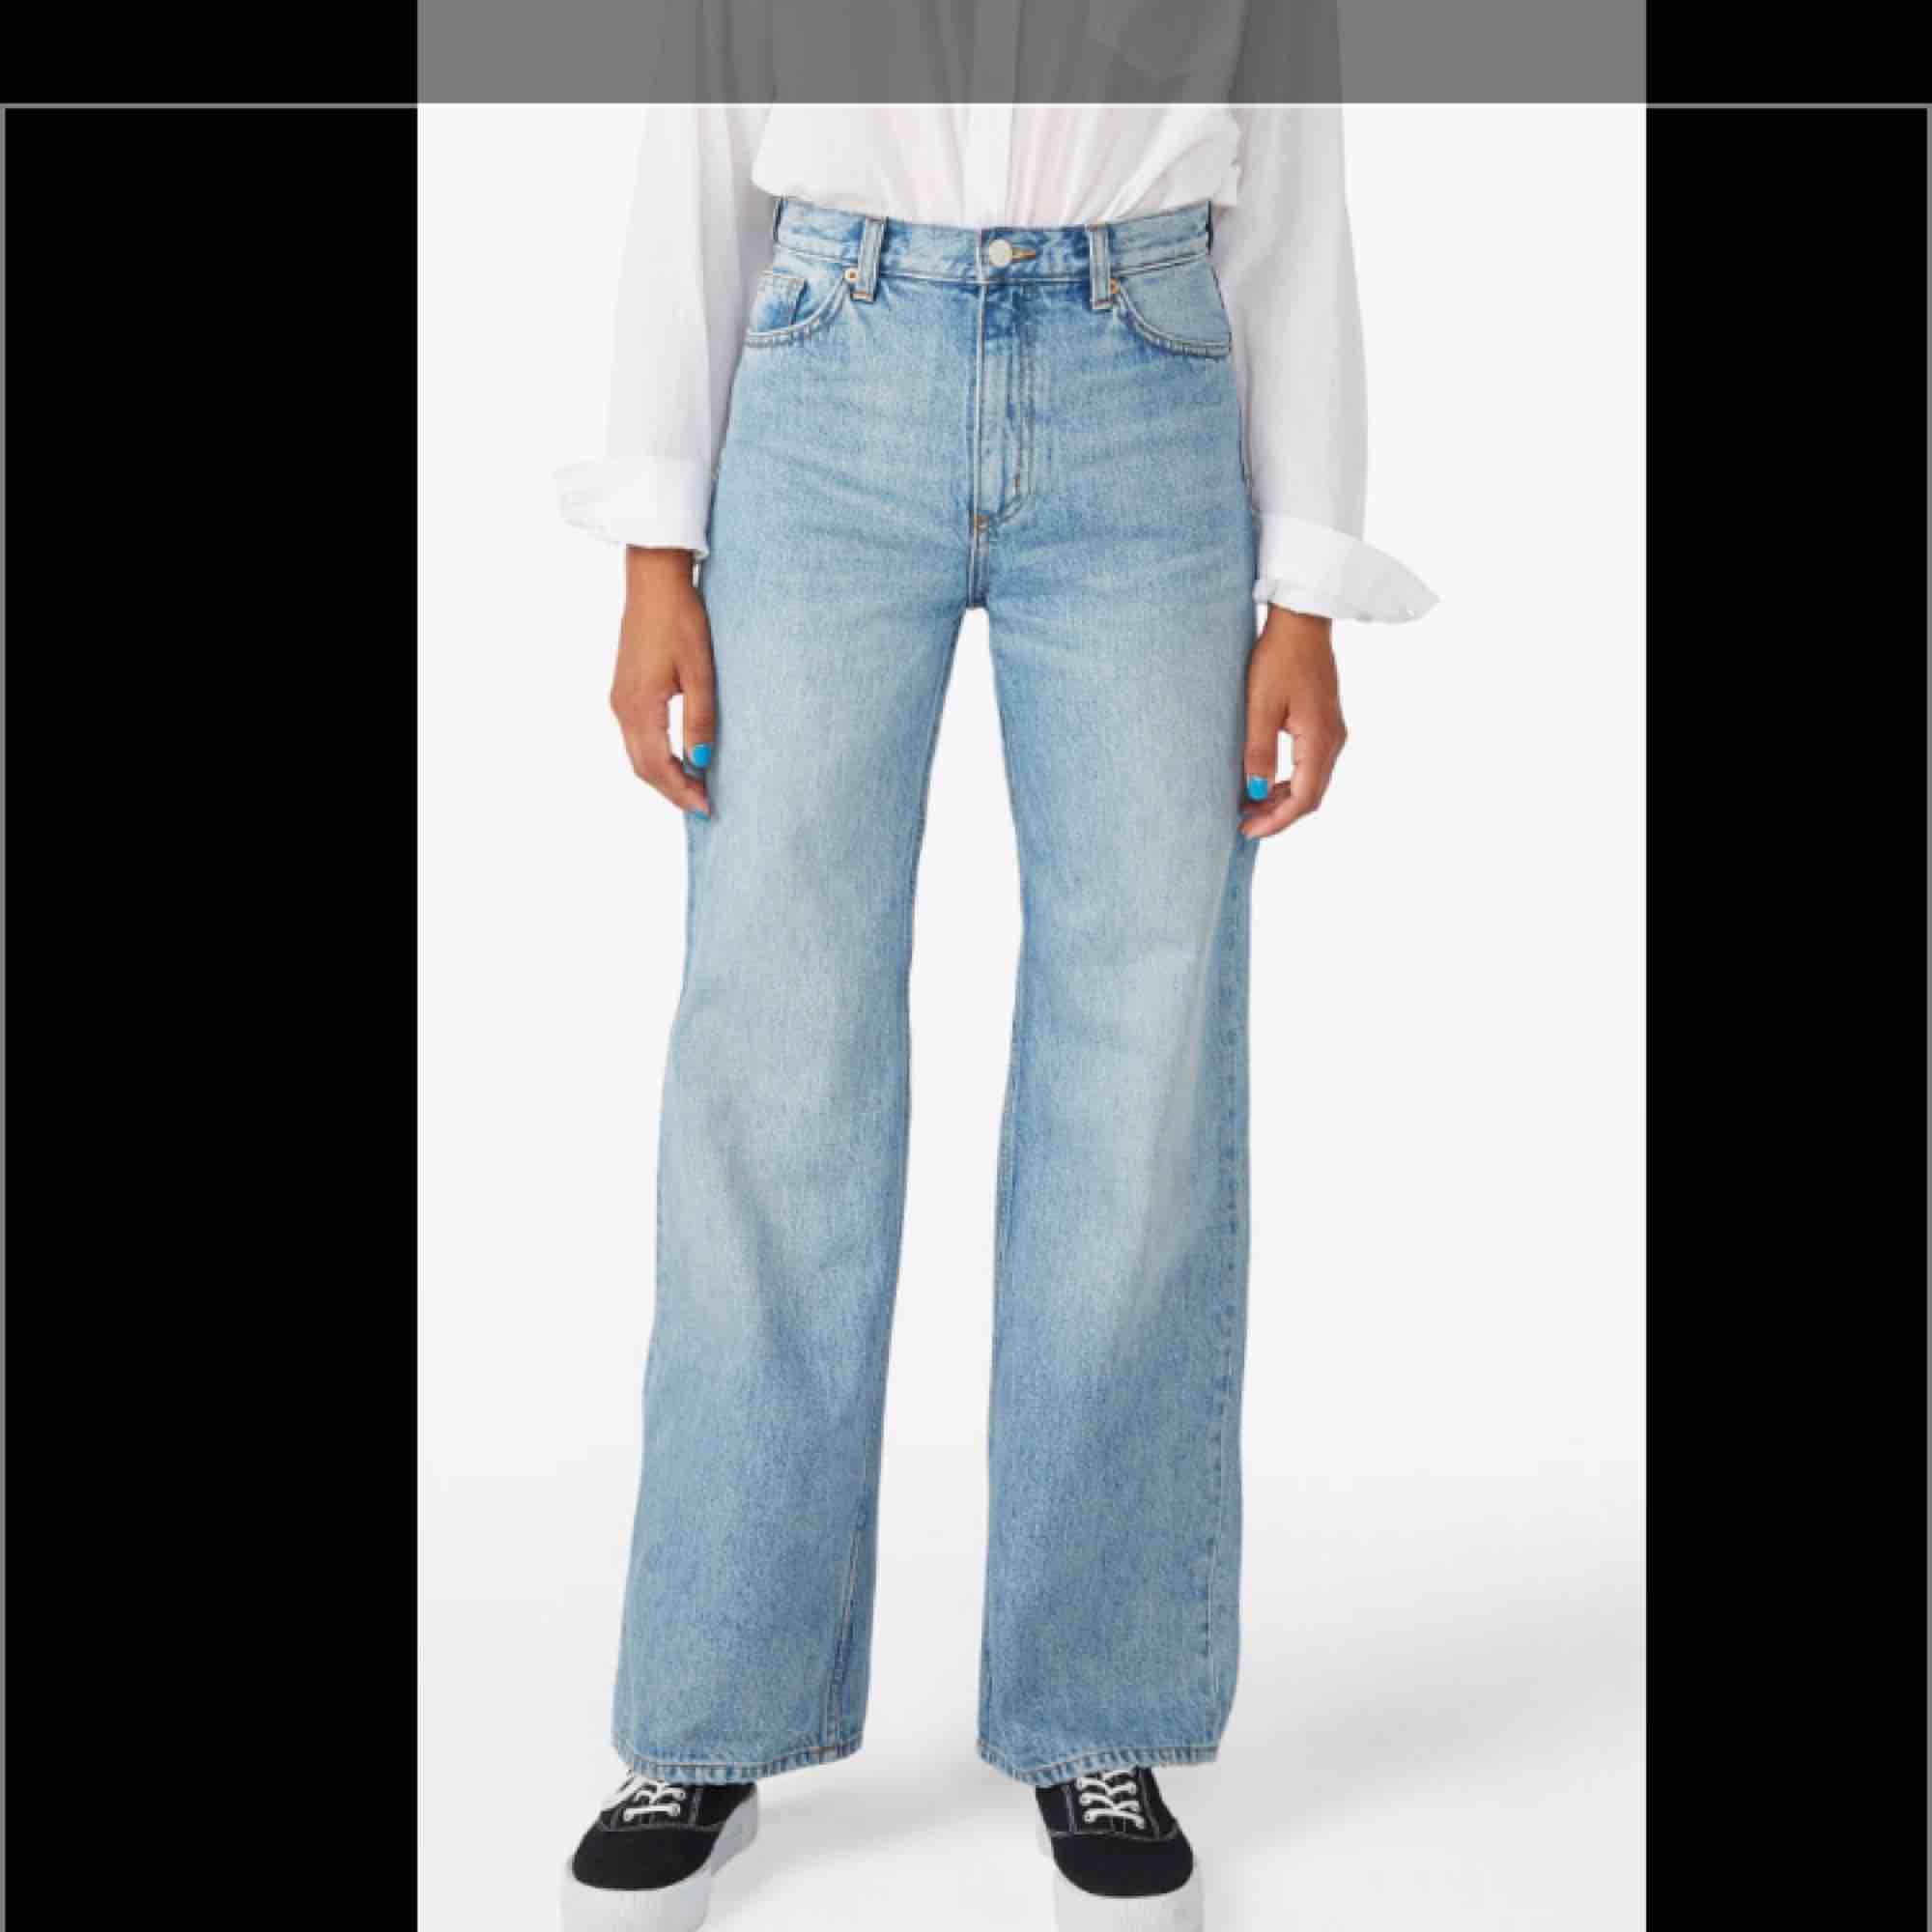 monki jeans sverige